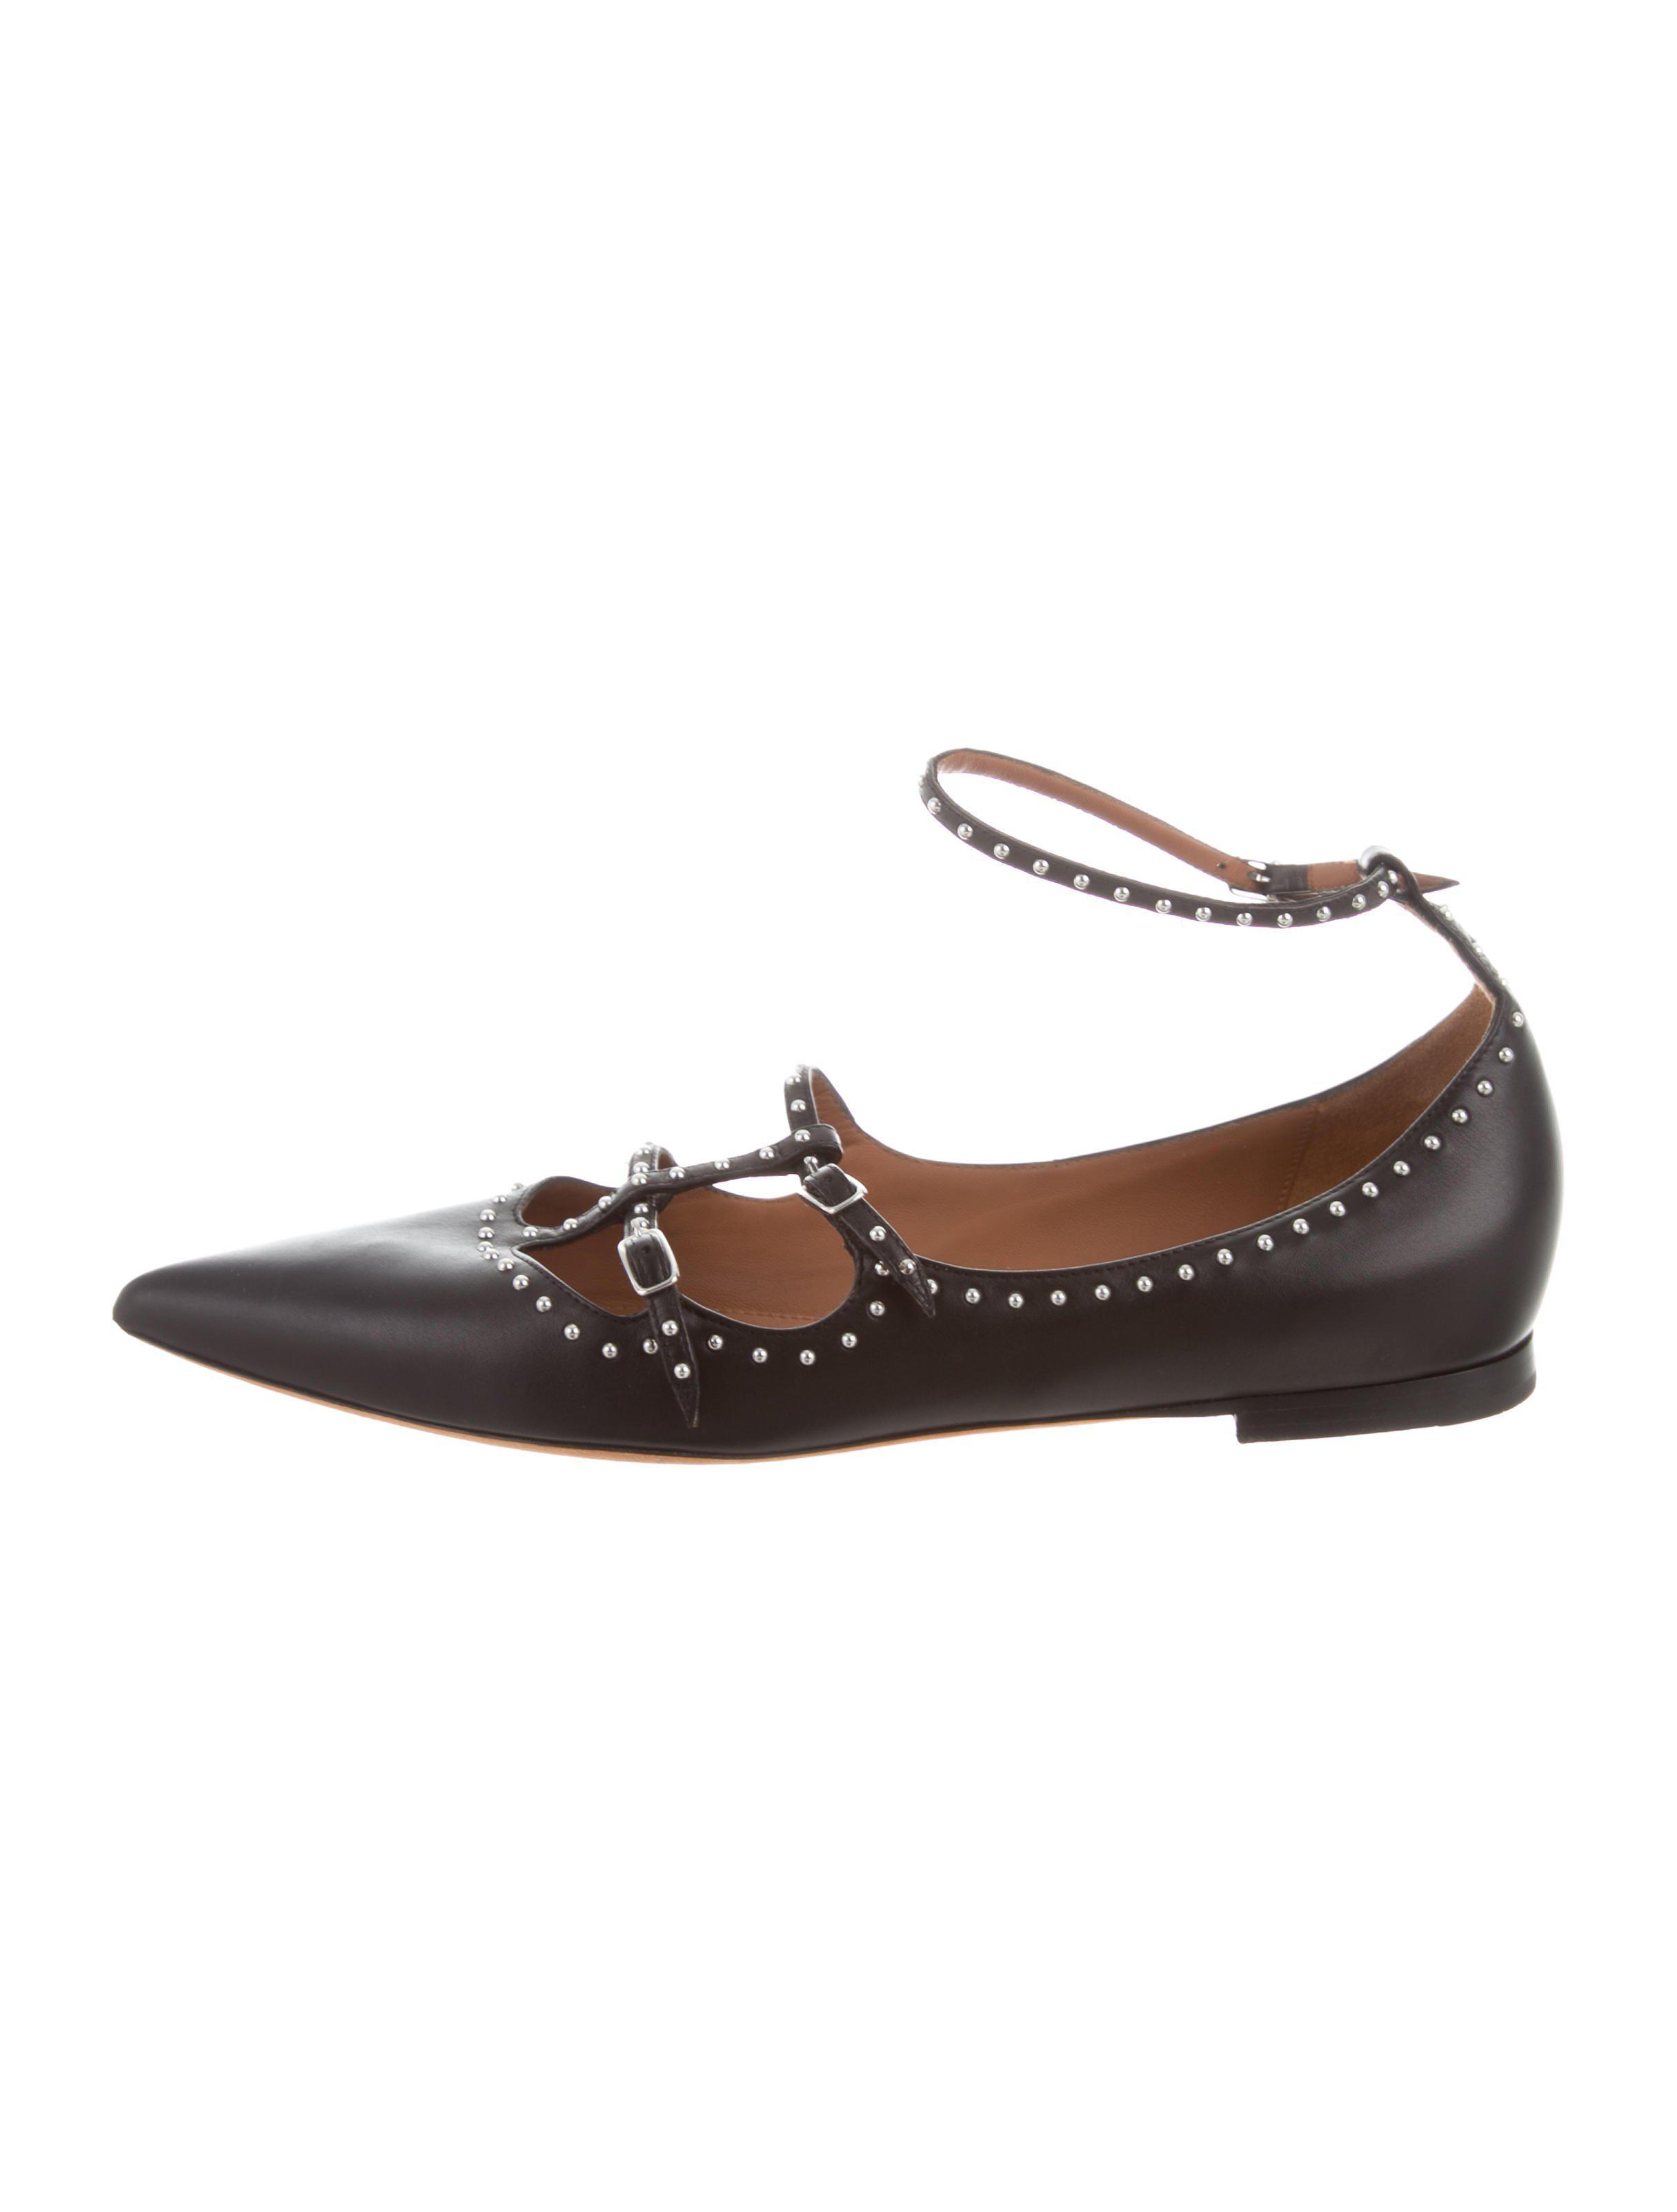 TOGA PULLA Pointed-toe stud-embellished cage shoes Genuine 2LIynoZvd